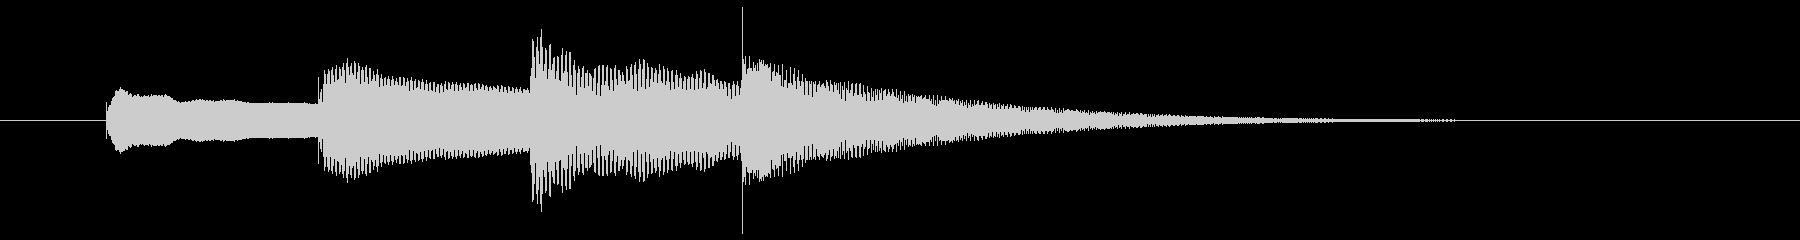 学校や施設などの館内放送開始ベルの未再生の波形